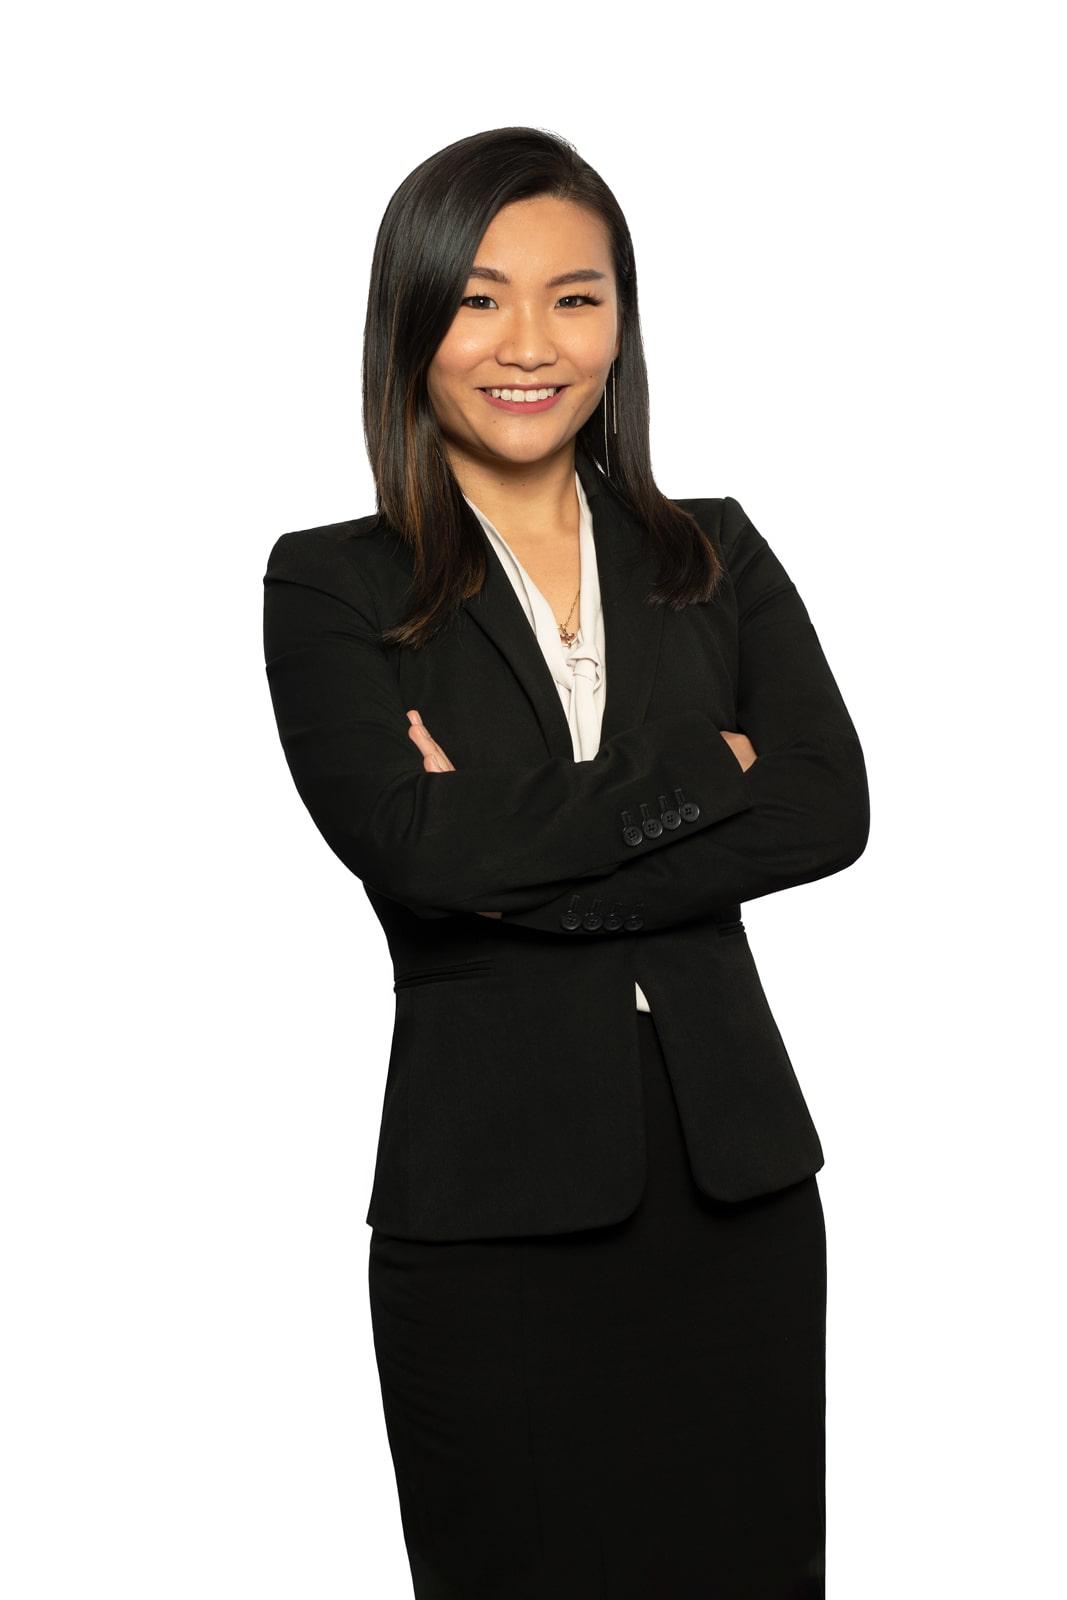 Sheila Sheng